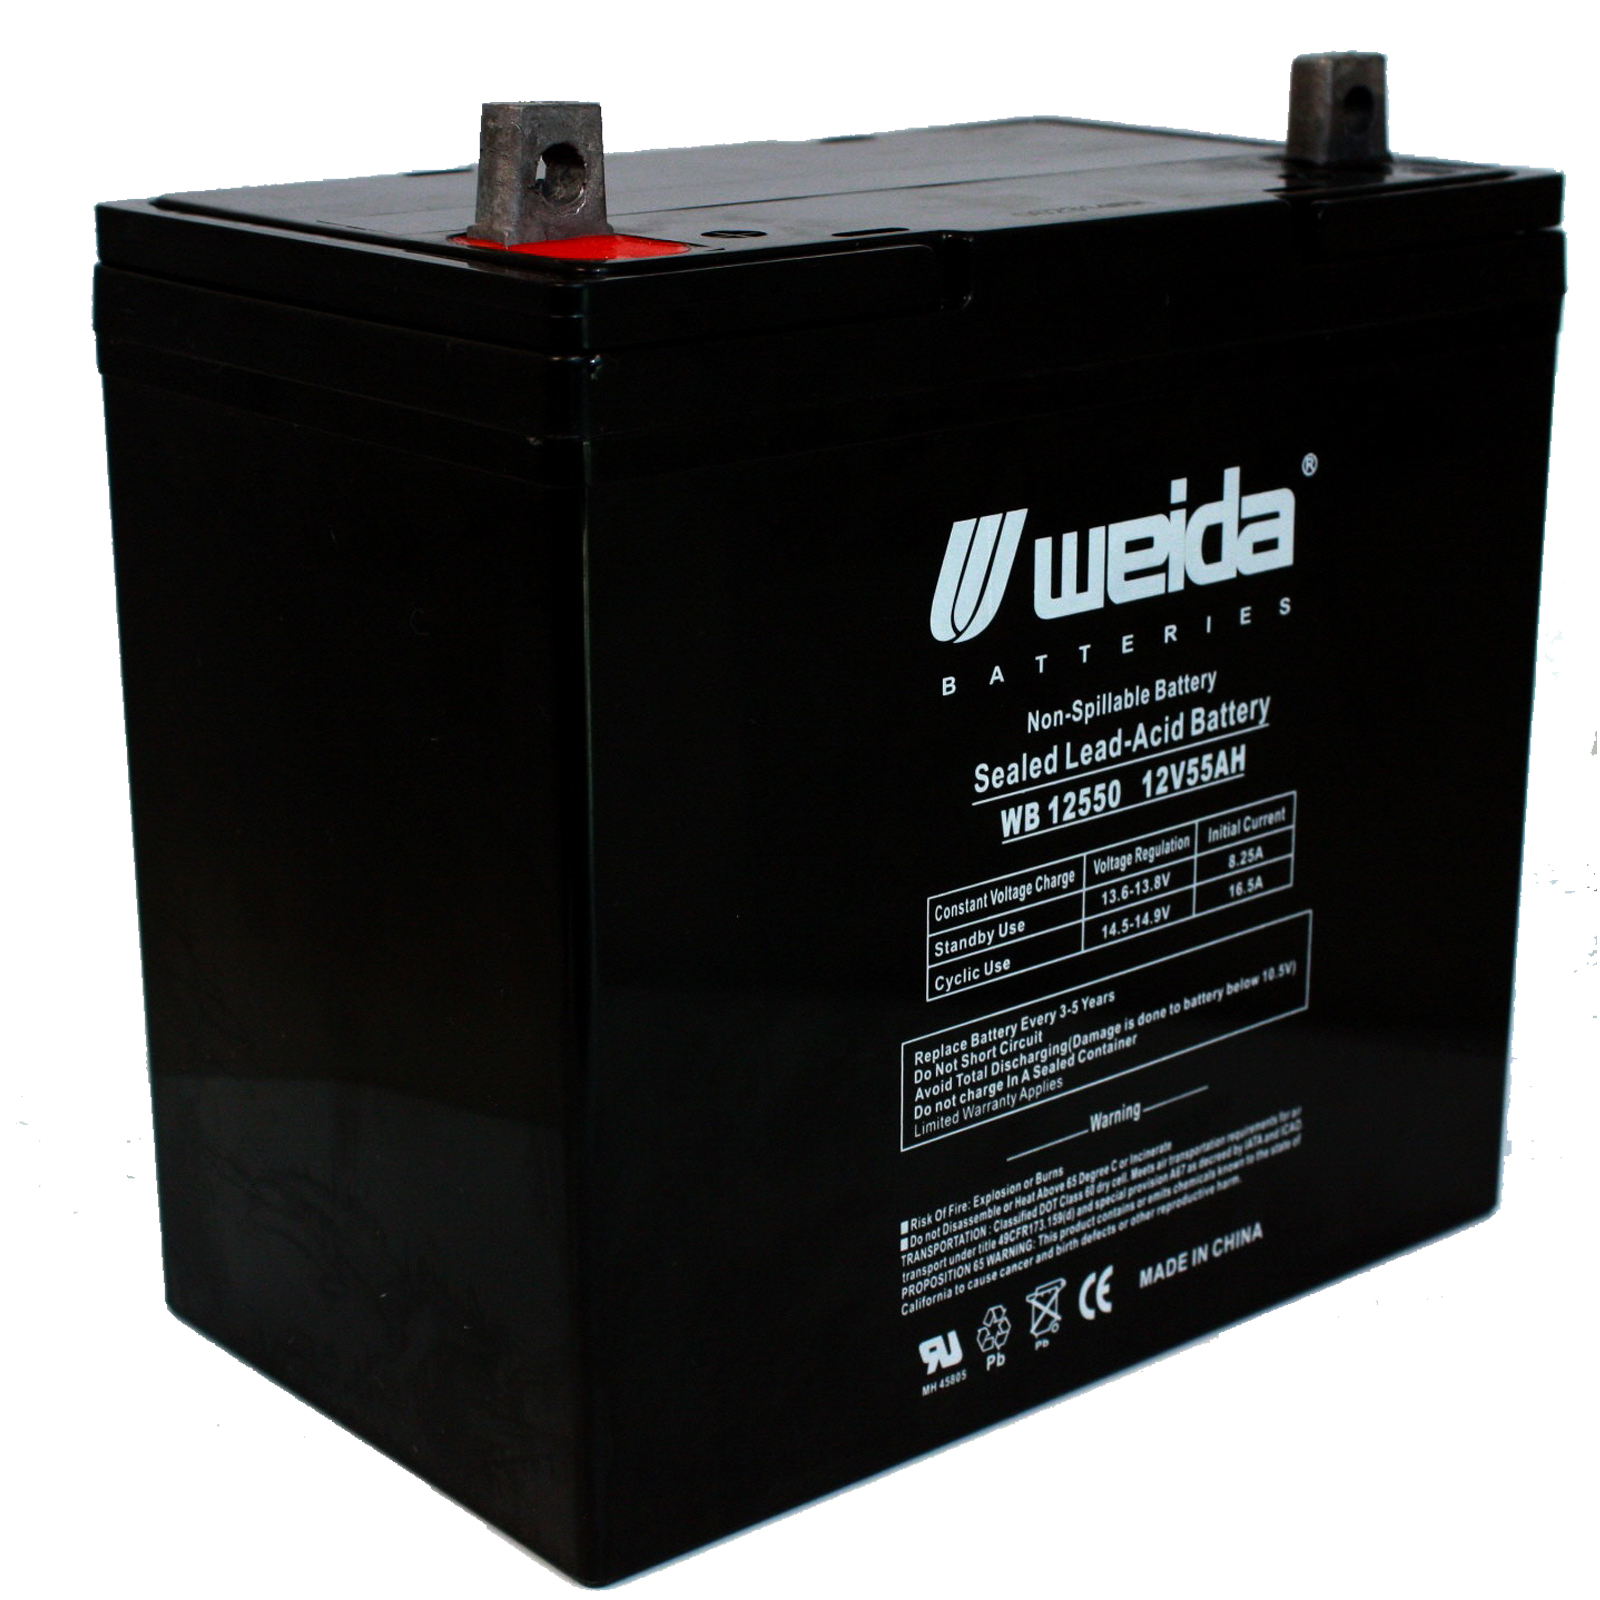 new 12v 55ah sla battery wb12550 group22f for ub12550. Black Bedroom Furniture Sets. Home Design Ideas